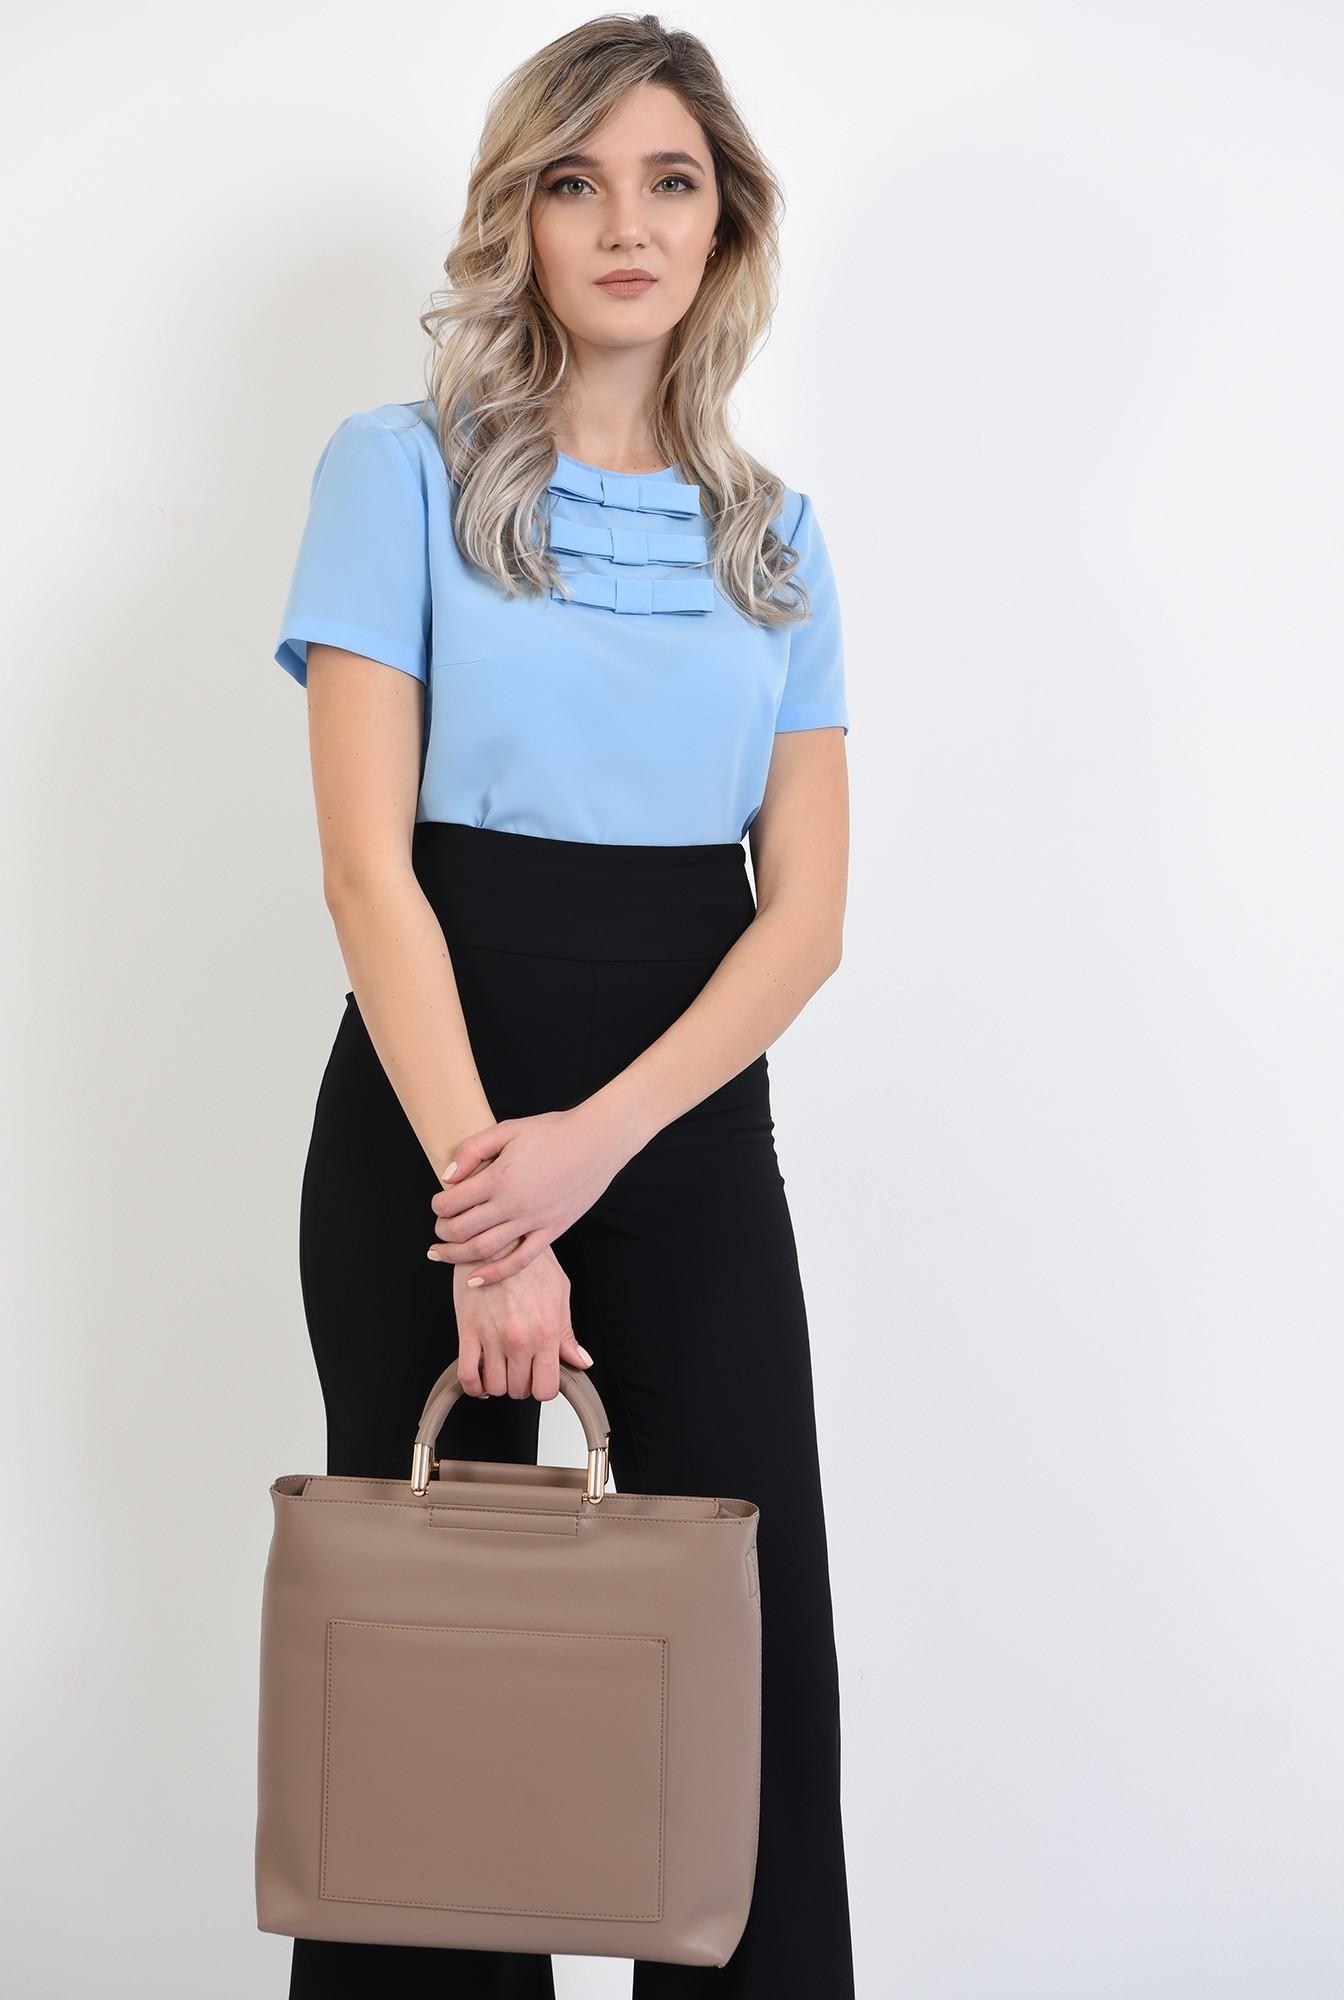 0 -  bluza de zi, office, cu maneci scurte, cu funde, bluza de birou